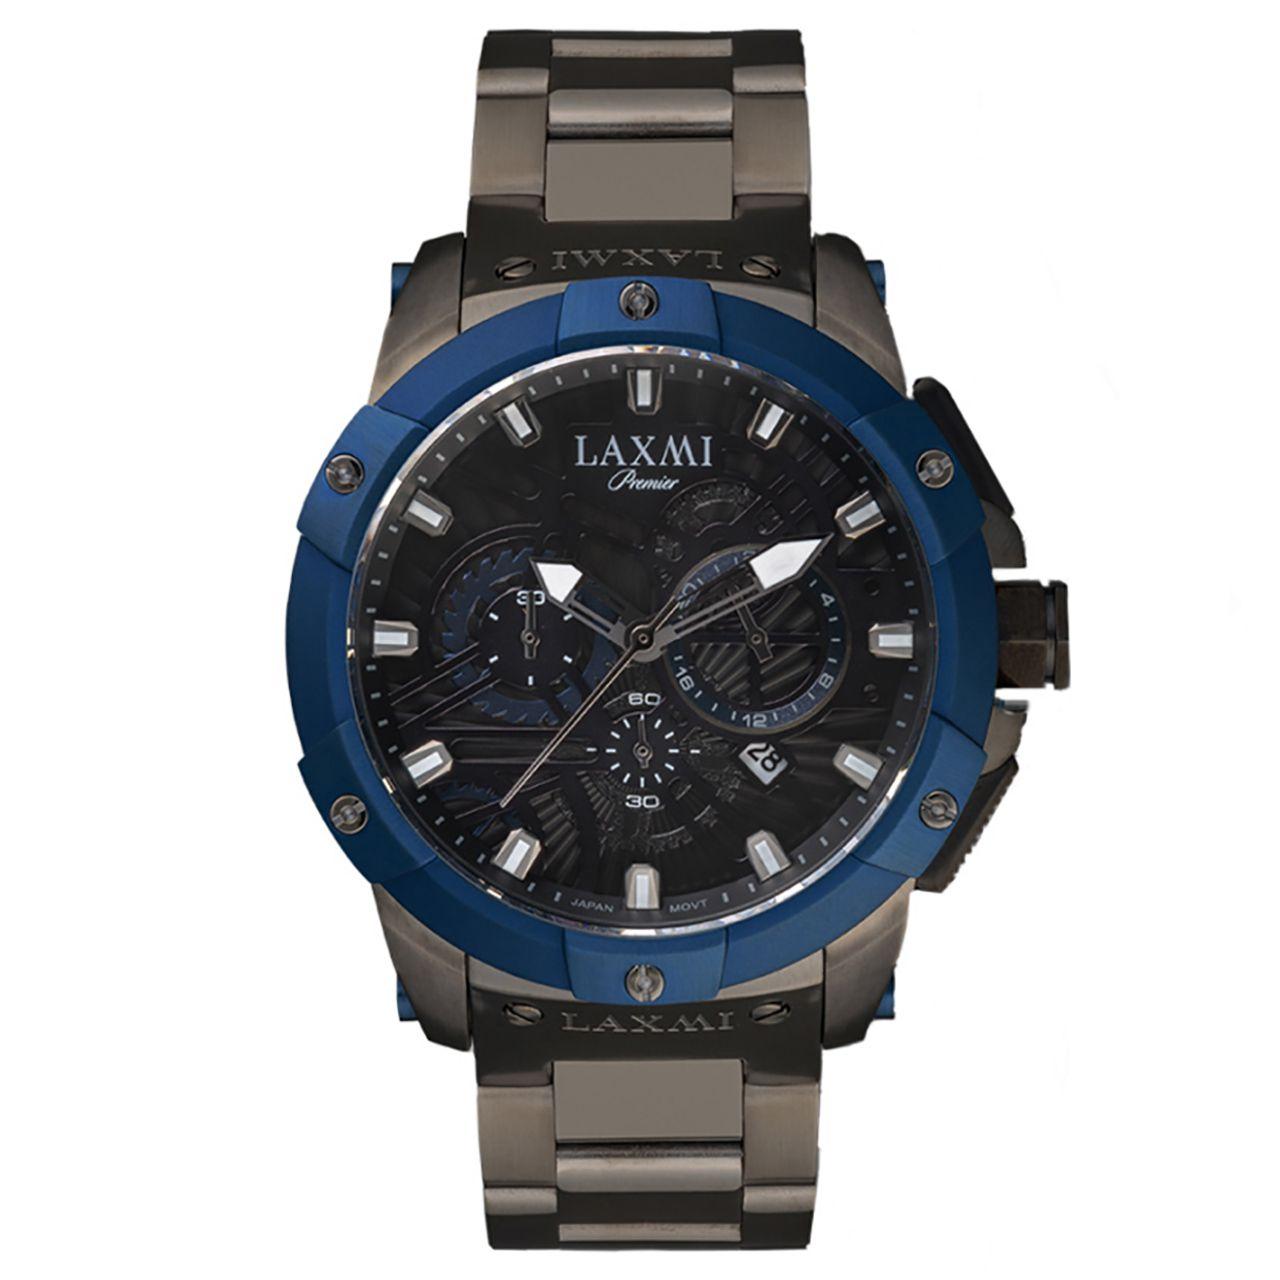 ساعت مچی عقربه ای مردانه لاکسمی مدل 8015 1 Https Wks Ir D8 B Casio Watch Casio Accessories